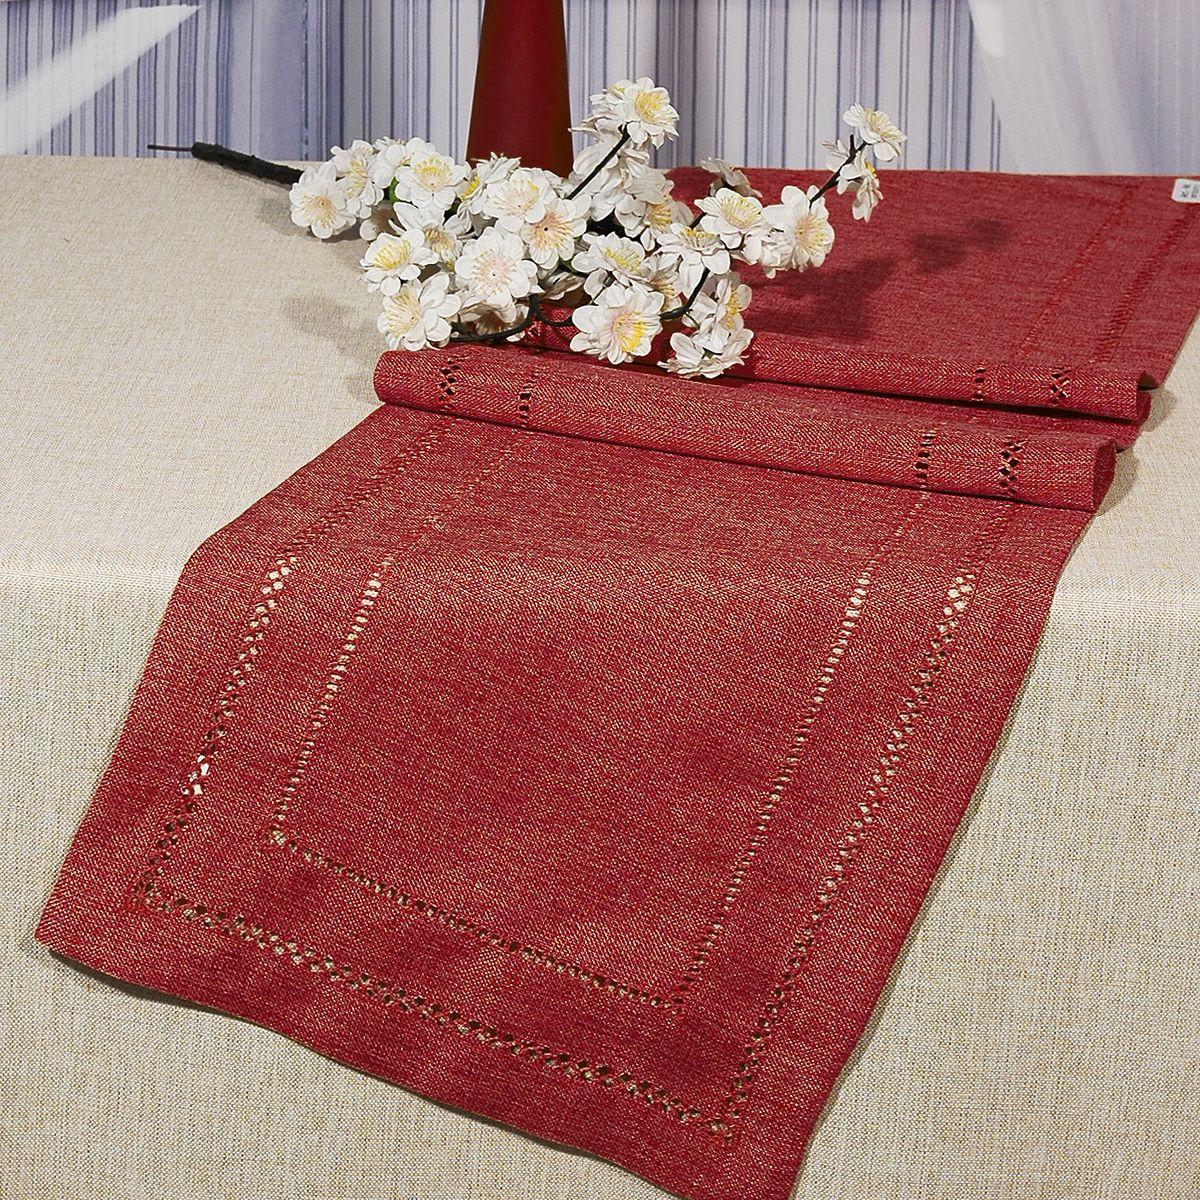 Дорожка для декорирования стола Schaefer, 40 x 90 см, цвет: красный. 06730-200VT-1520(SR)Дорожка для декорирования стола Schaefer может быть использована, как основной элемент, так и дополнение для создания уюта и романтического настроения.Дорожка выполнена из полиэстера. Изделие легко стирать: оно не мнется, не садится и быстро сохнет, более долговечно, чем изделие из натуральных волокон.Материал: 100% полиэстер.Размер: 40 x 90 см.